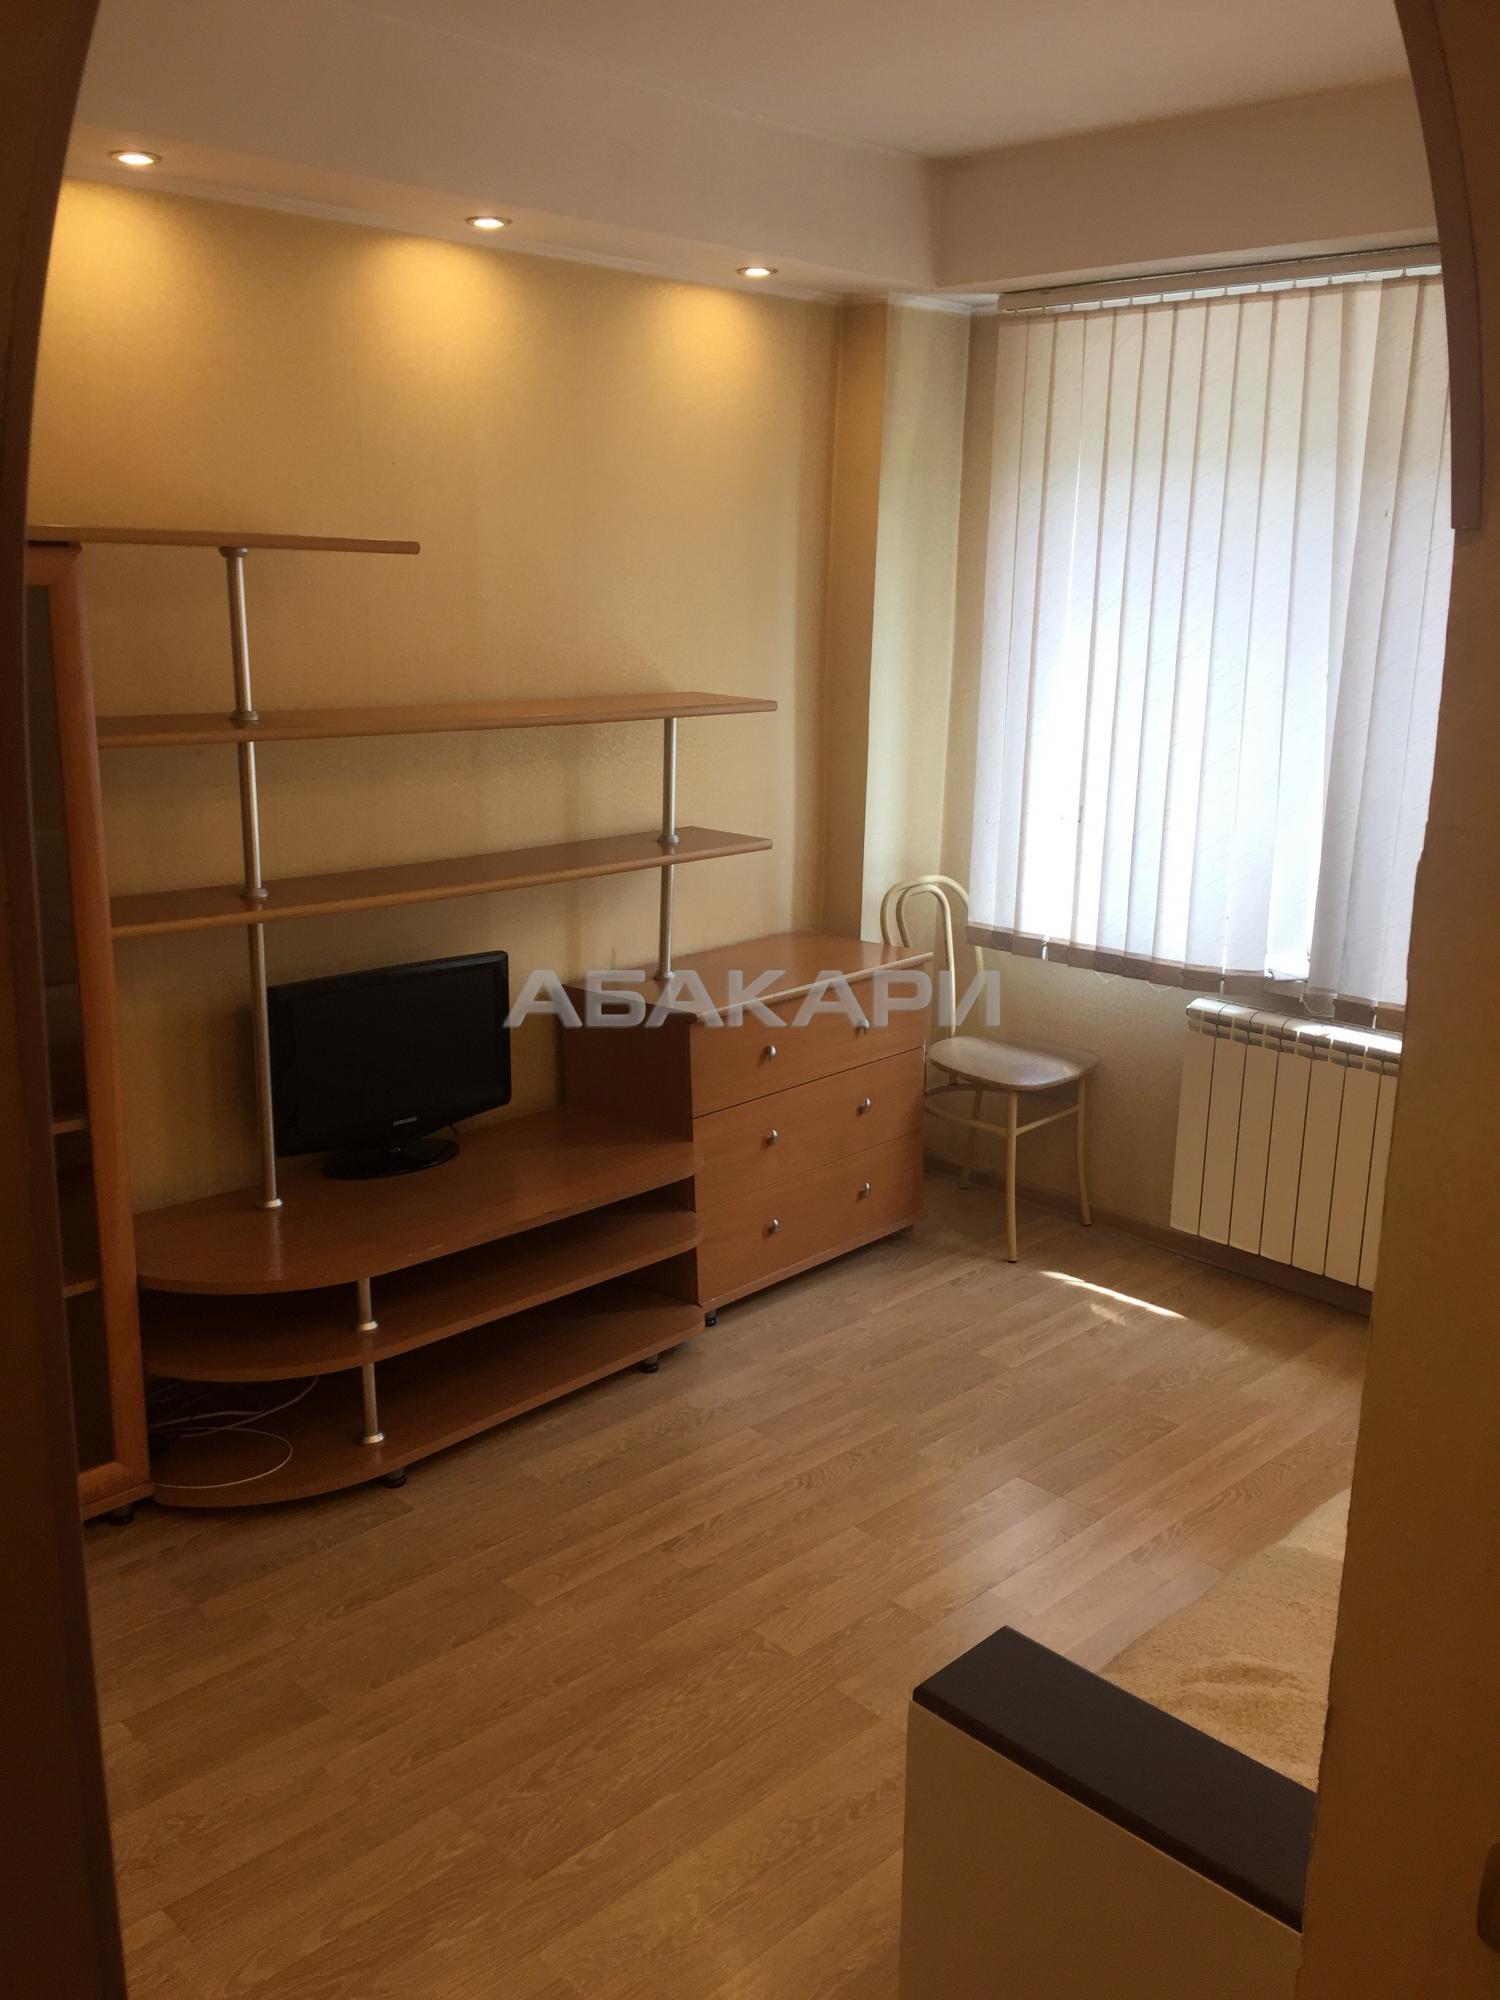 1к квартира улица Железнодорожников, 10 1/9 - 28кв | 16500 | аренда в Красноярске фото 4